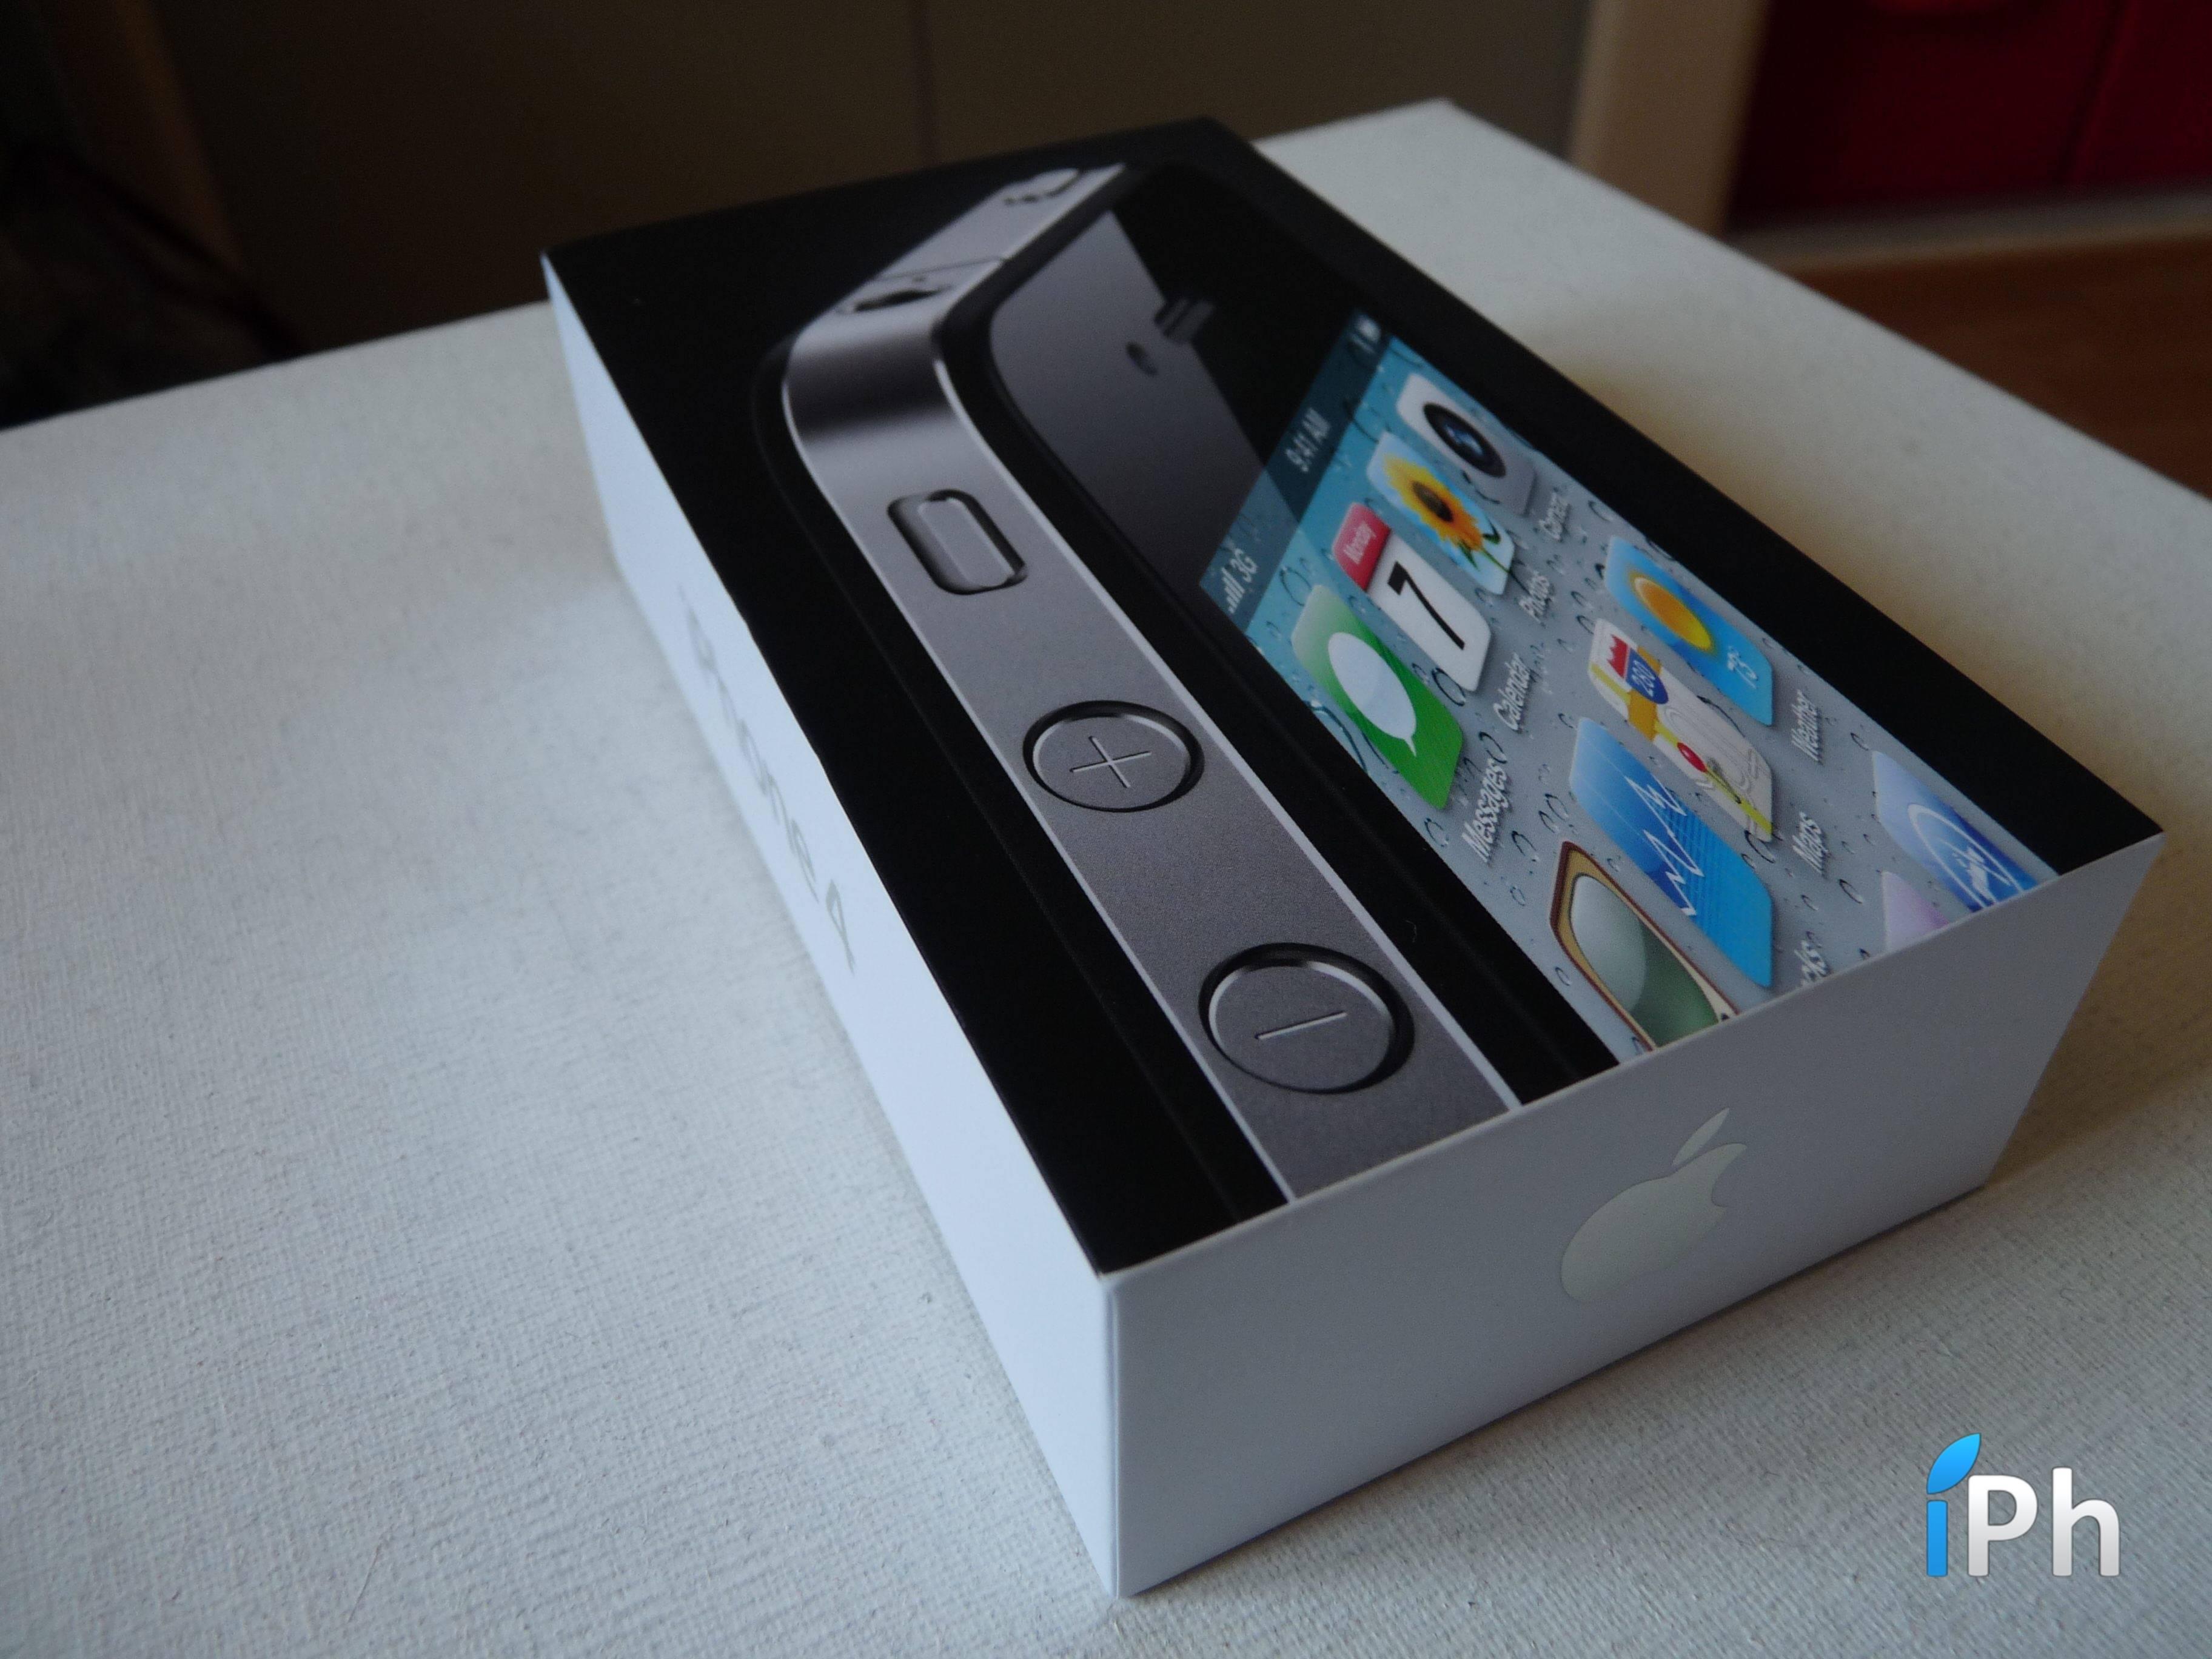 P1140446 iPhone 4   Les photos de liPhone 4 Noir par Myk